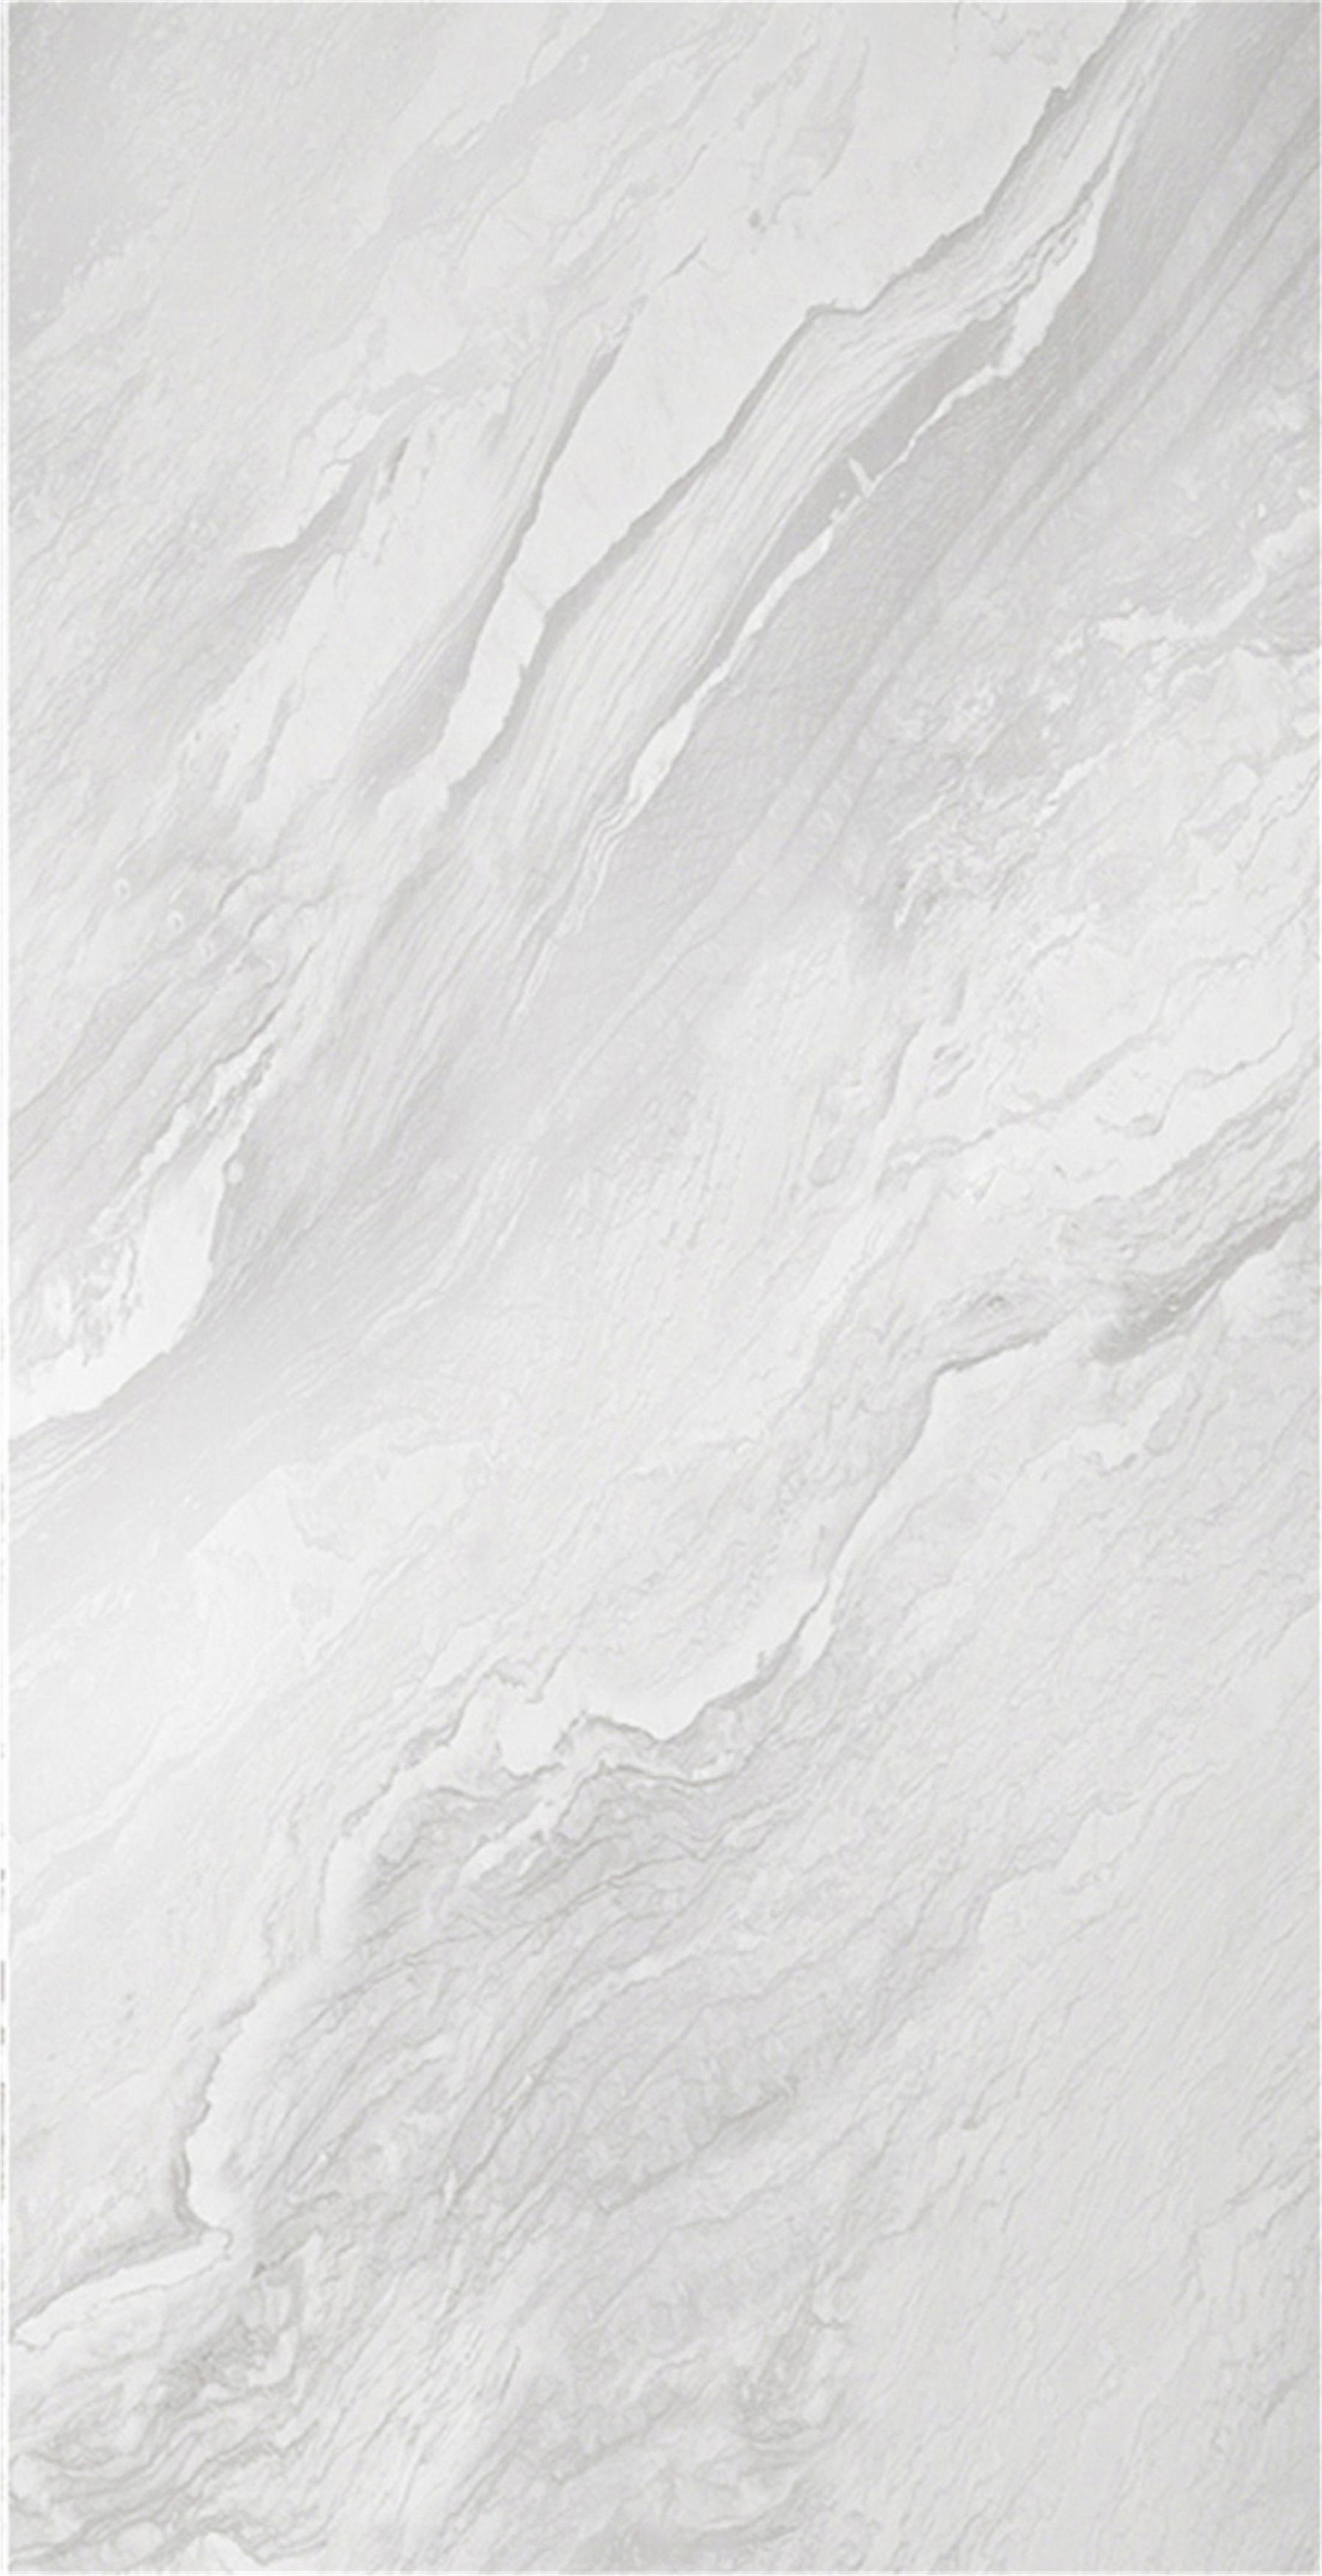 金意陶瓷砖之梵高石高清貼圖【ID:336834665】